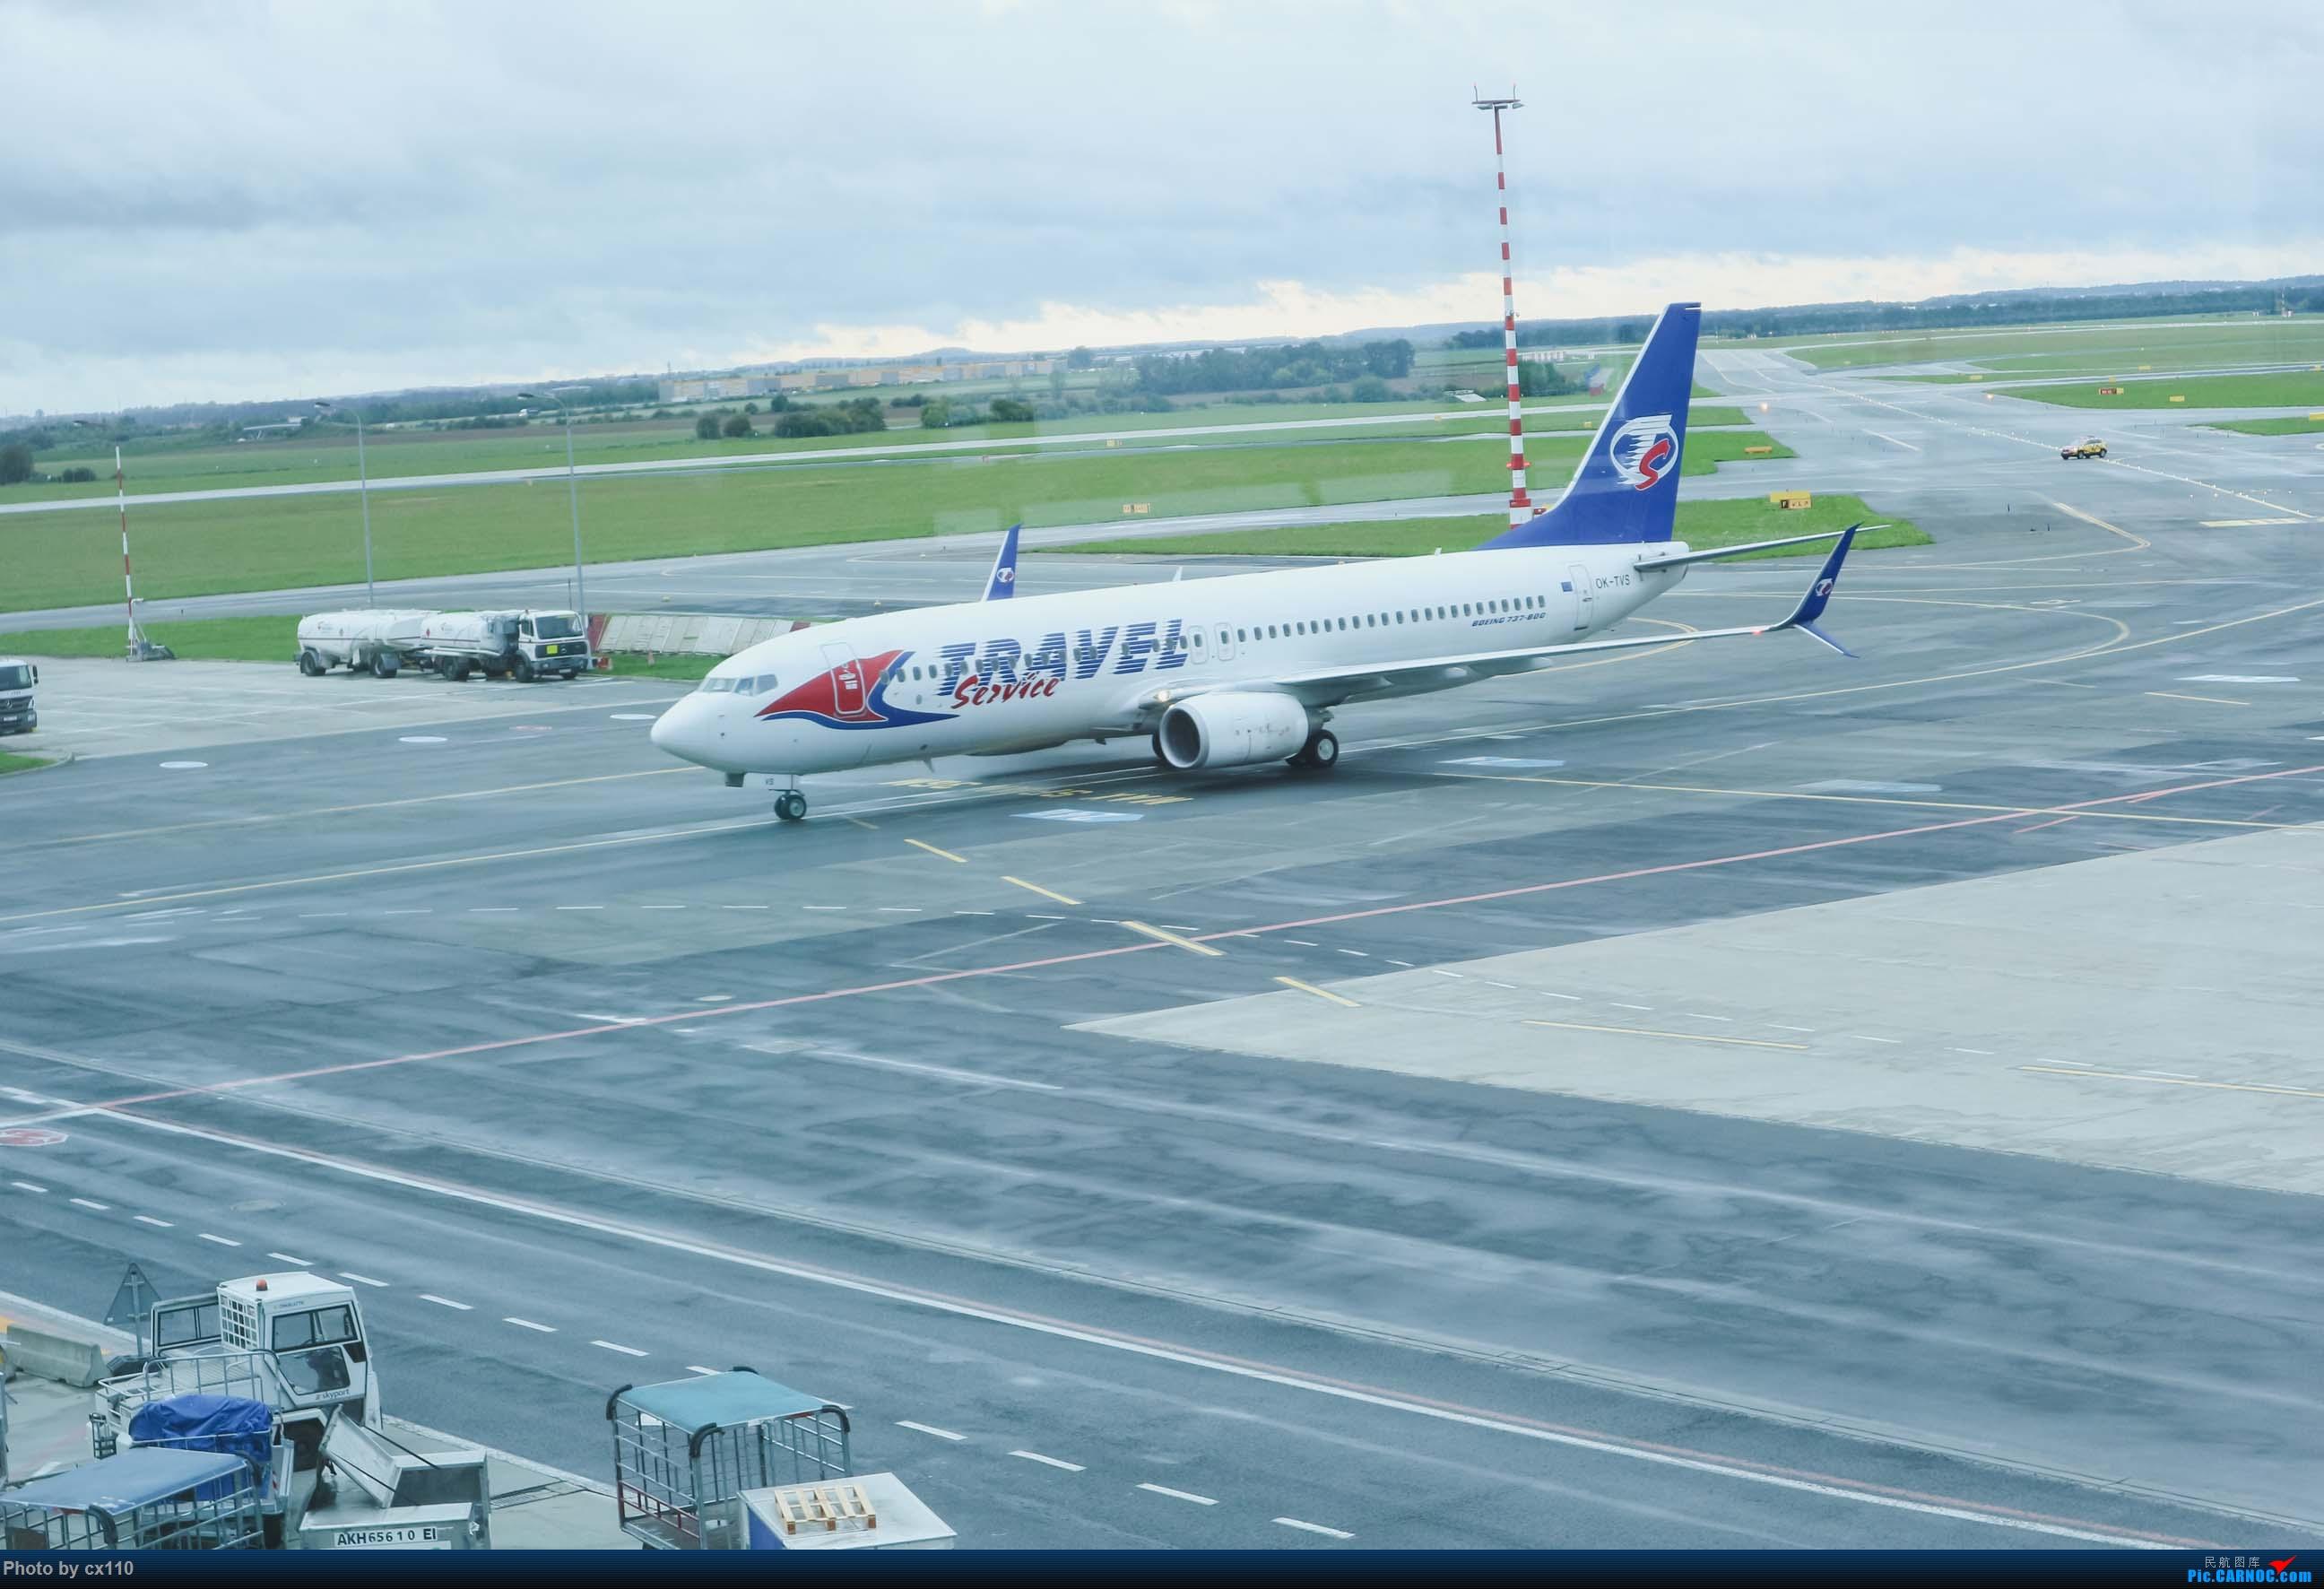 Re:[原创]欧洲机场拍机记-柏林/赫尔辛基/布拉格 BOEING 737-800 OK-TVS 捷克布拉格机场